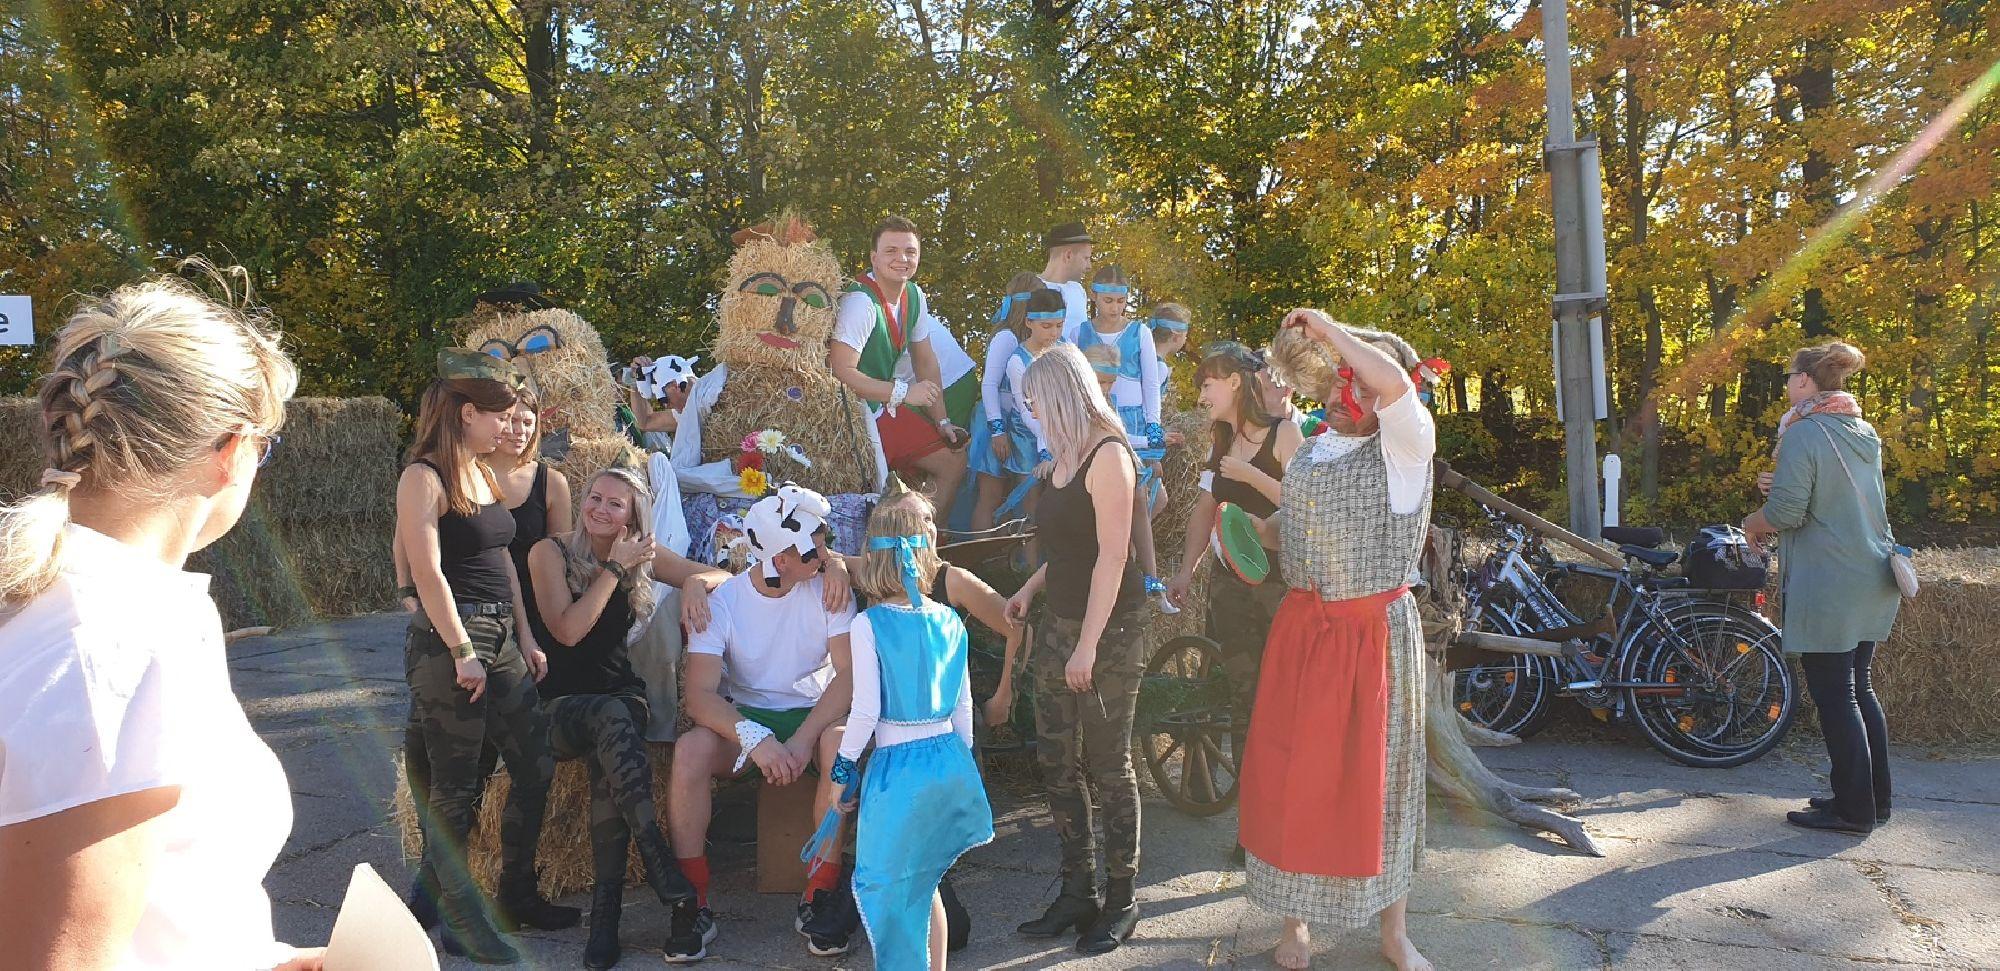 Faschingsclub Holzhau zum Clausnitzer Herbstfest